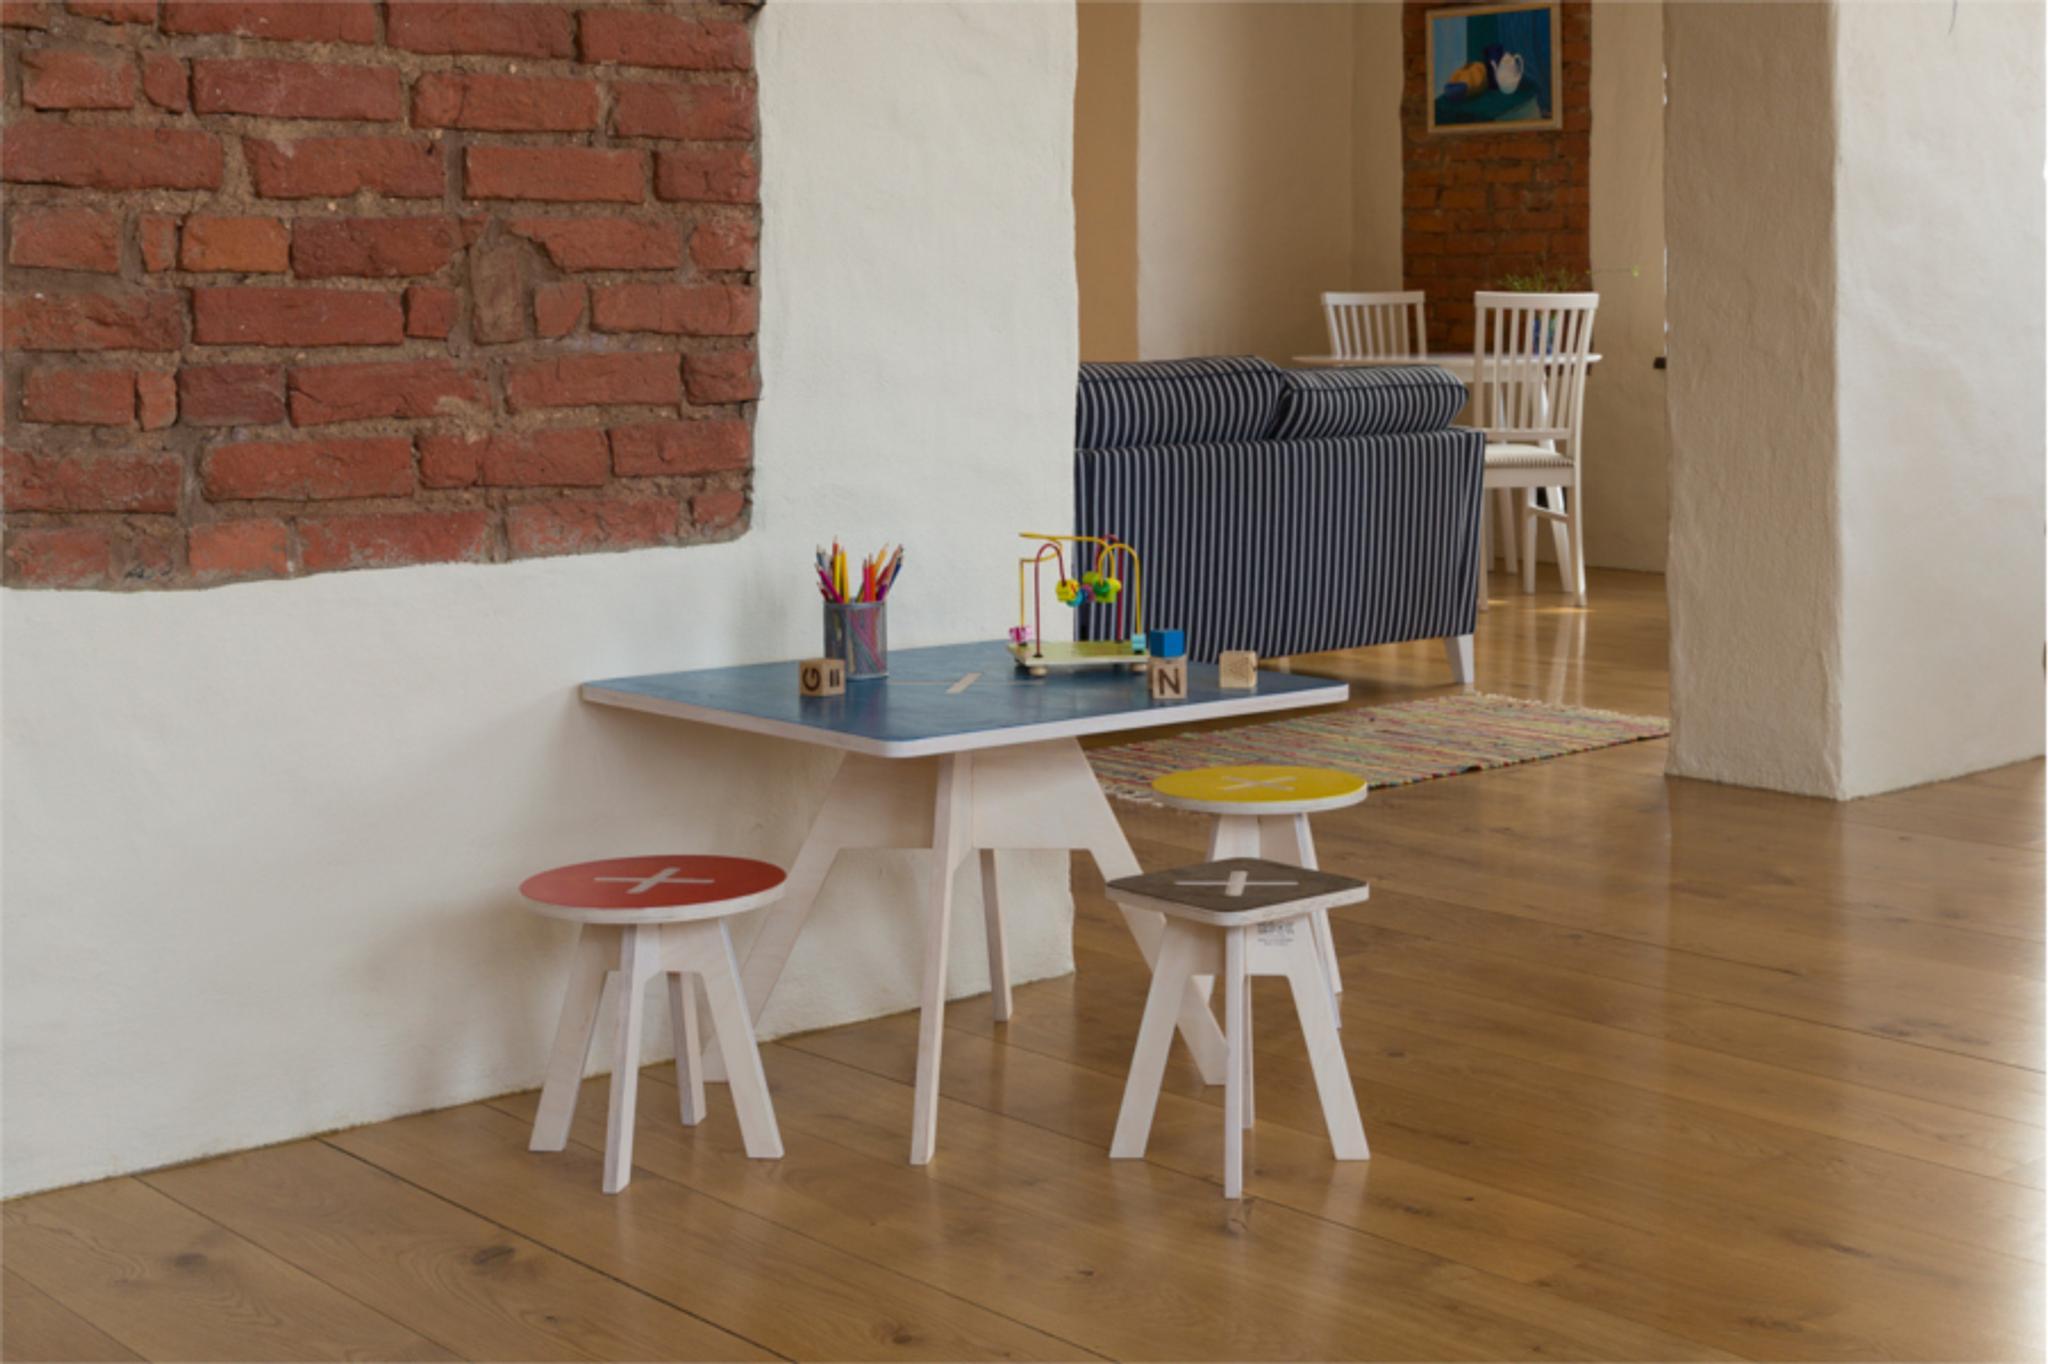 Kinder Tisch Und Sthle Das Bild Wird Geladen With Kinder